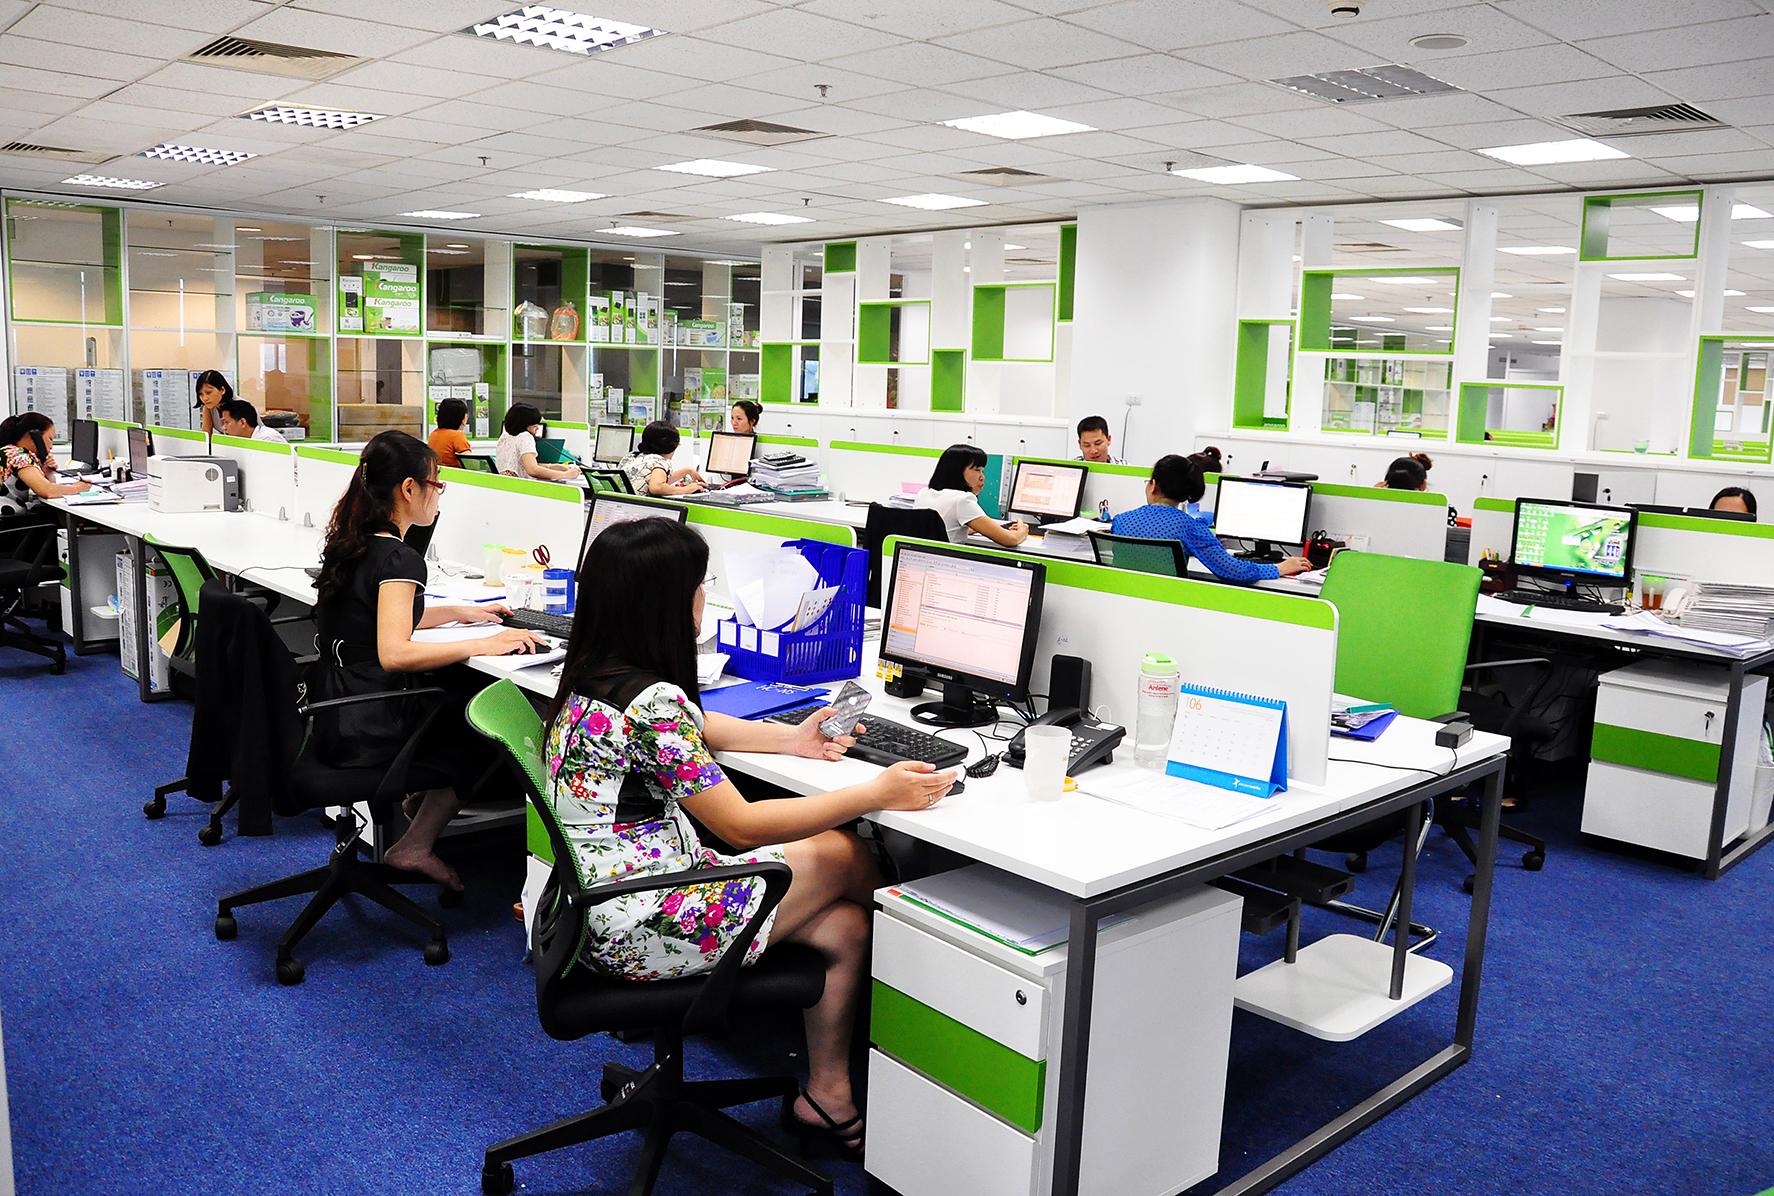 Thị trường văn phòng mùa dịch: Xuất hiện xu hướng mới